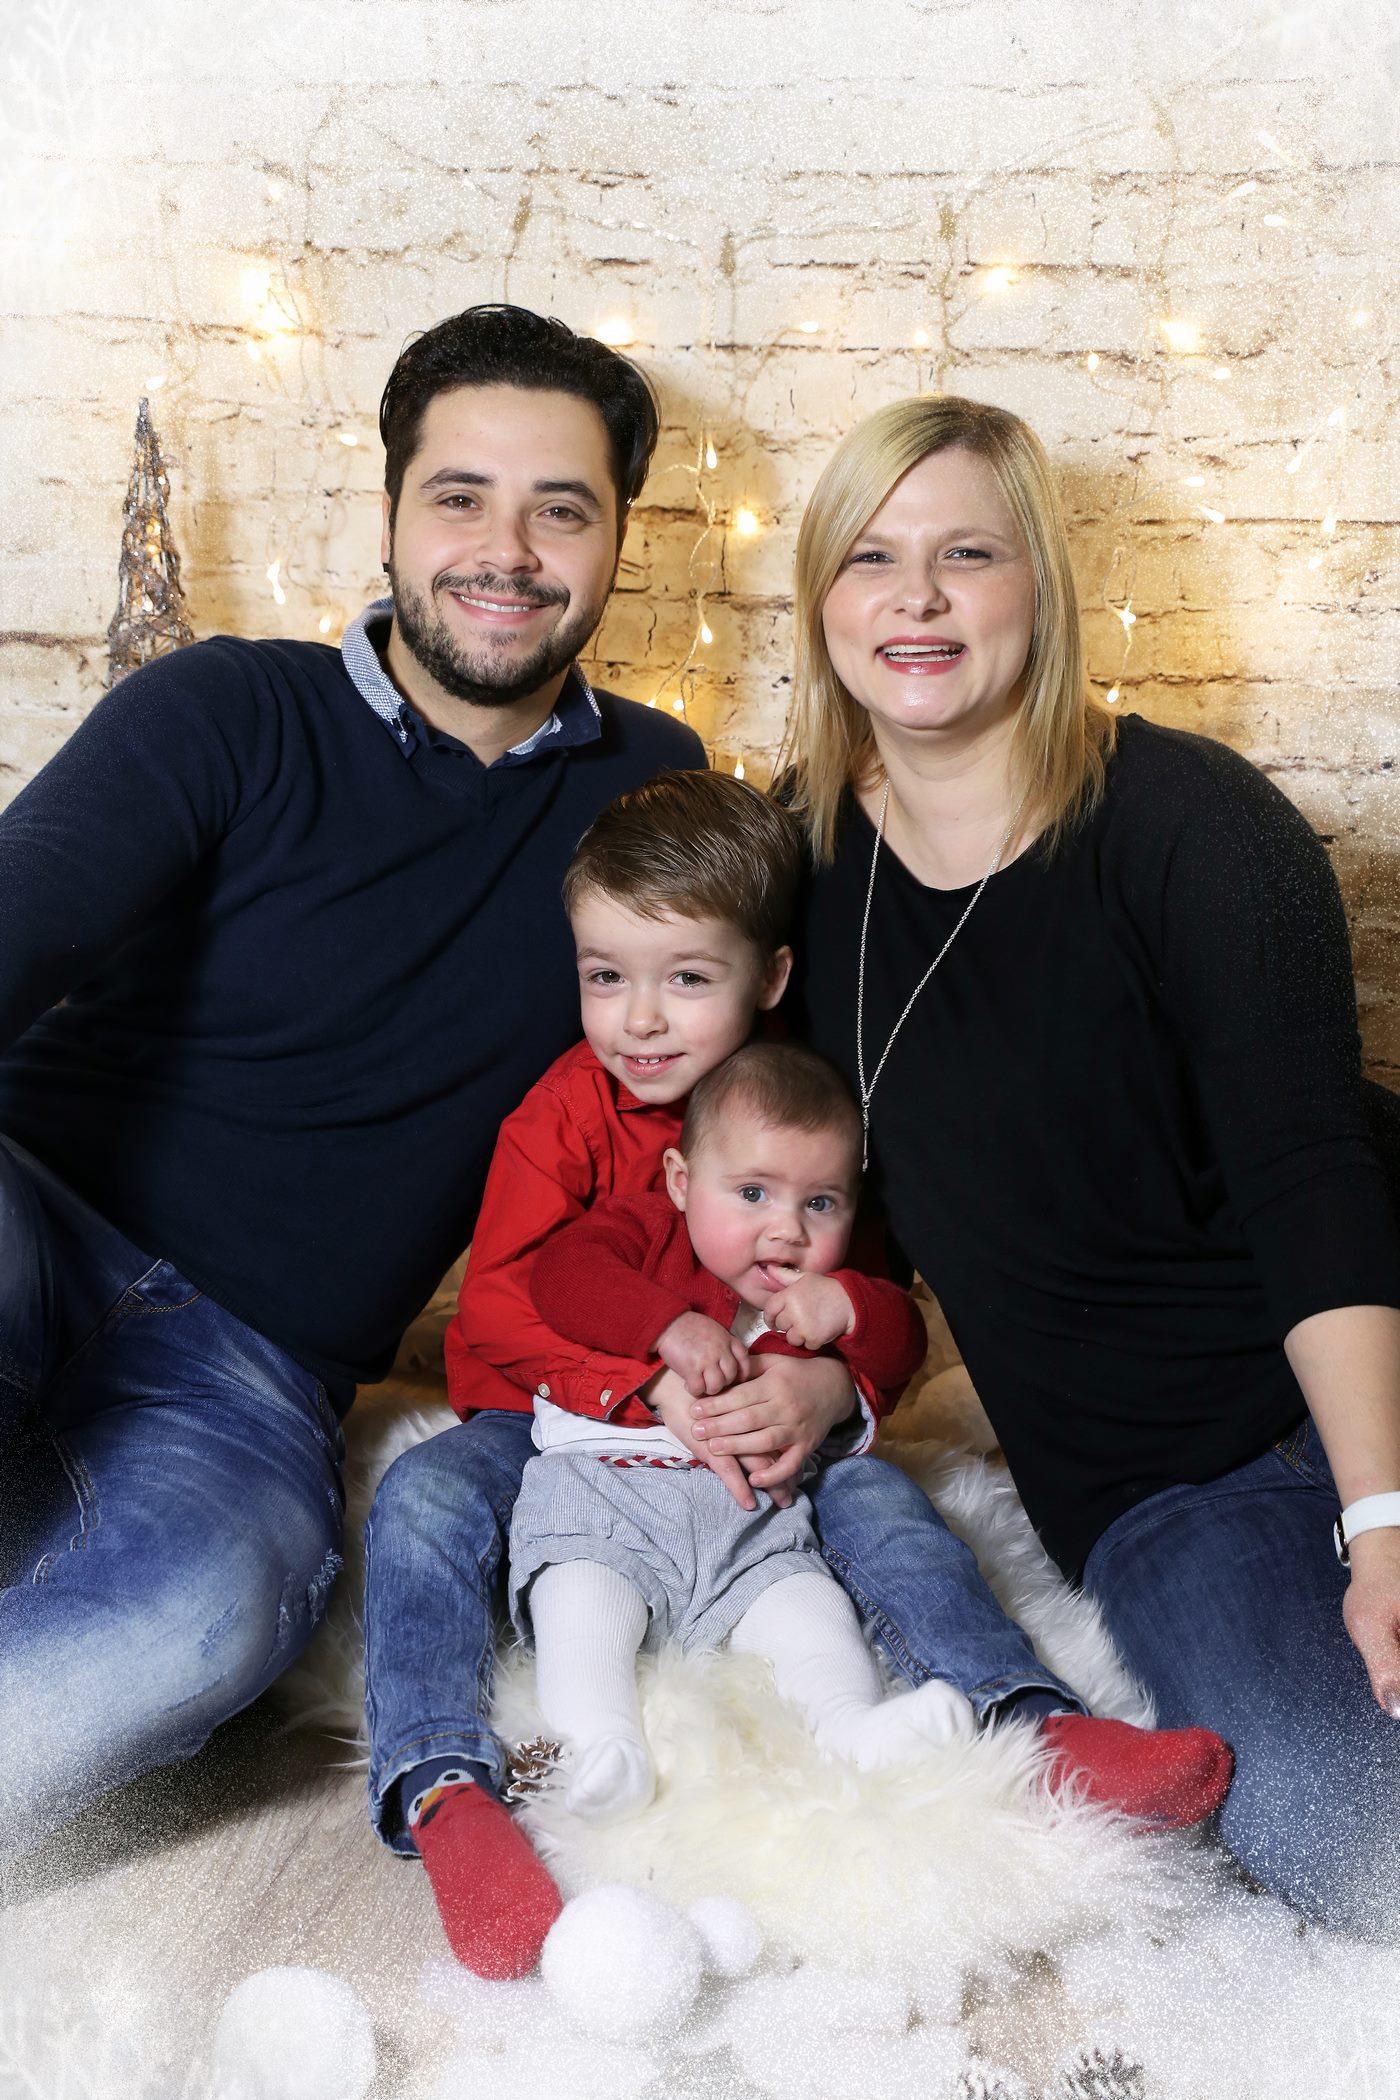 Familie im Studio zur Weihnachtsaktion fotografiert